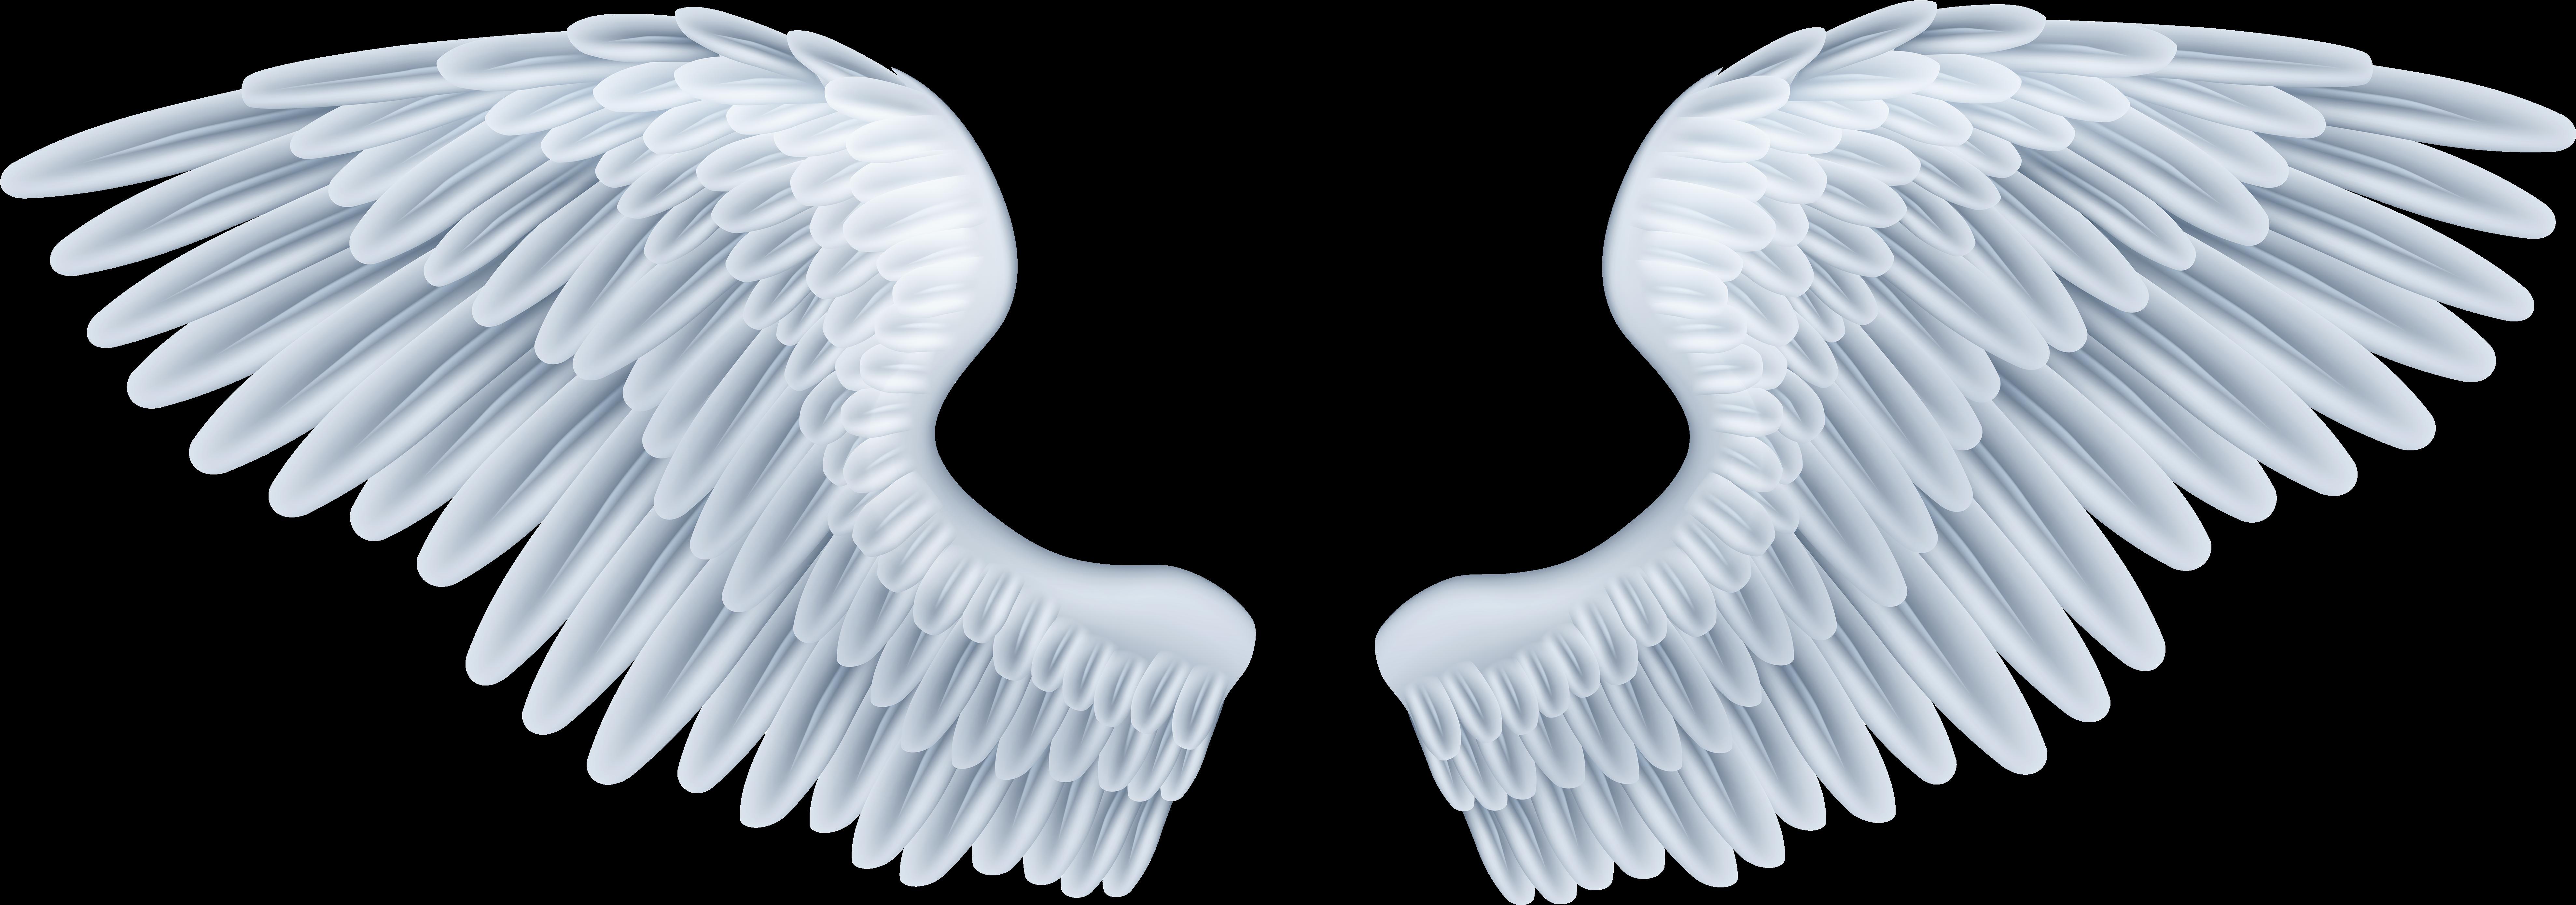 хотим поделиться картинка крыло ангела могли задать вопрос